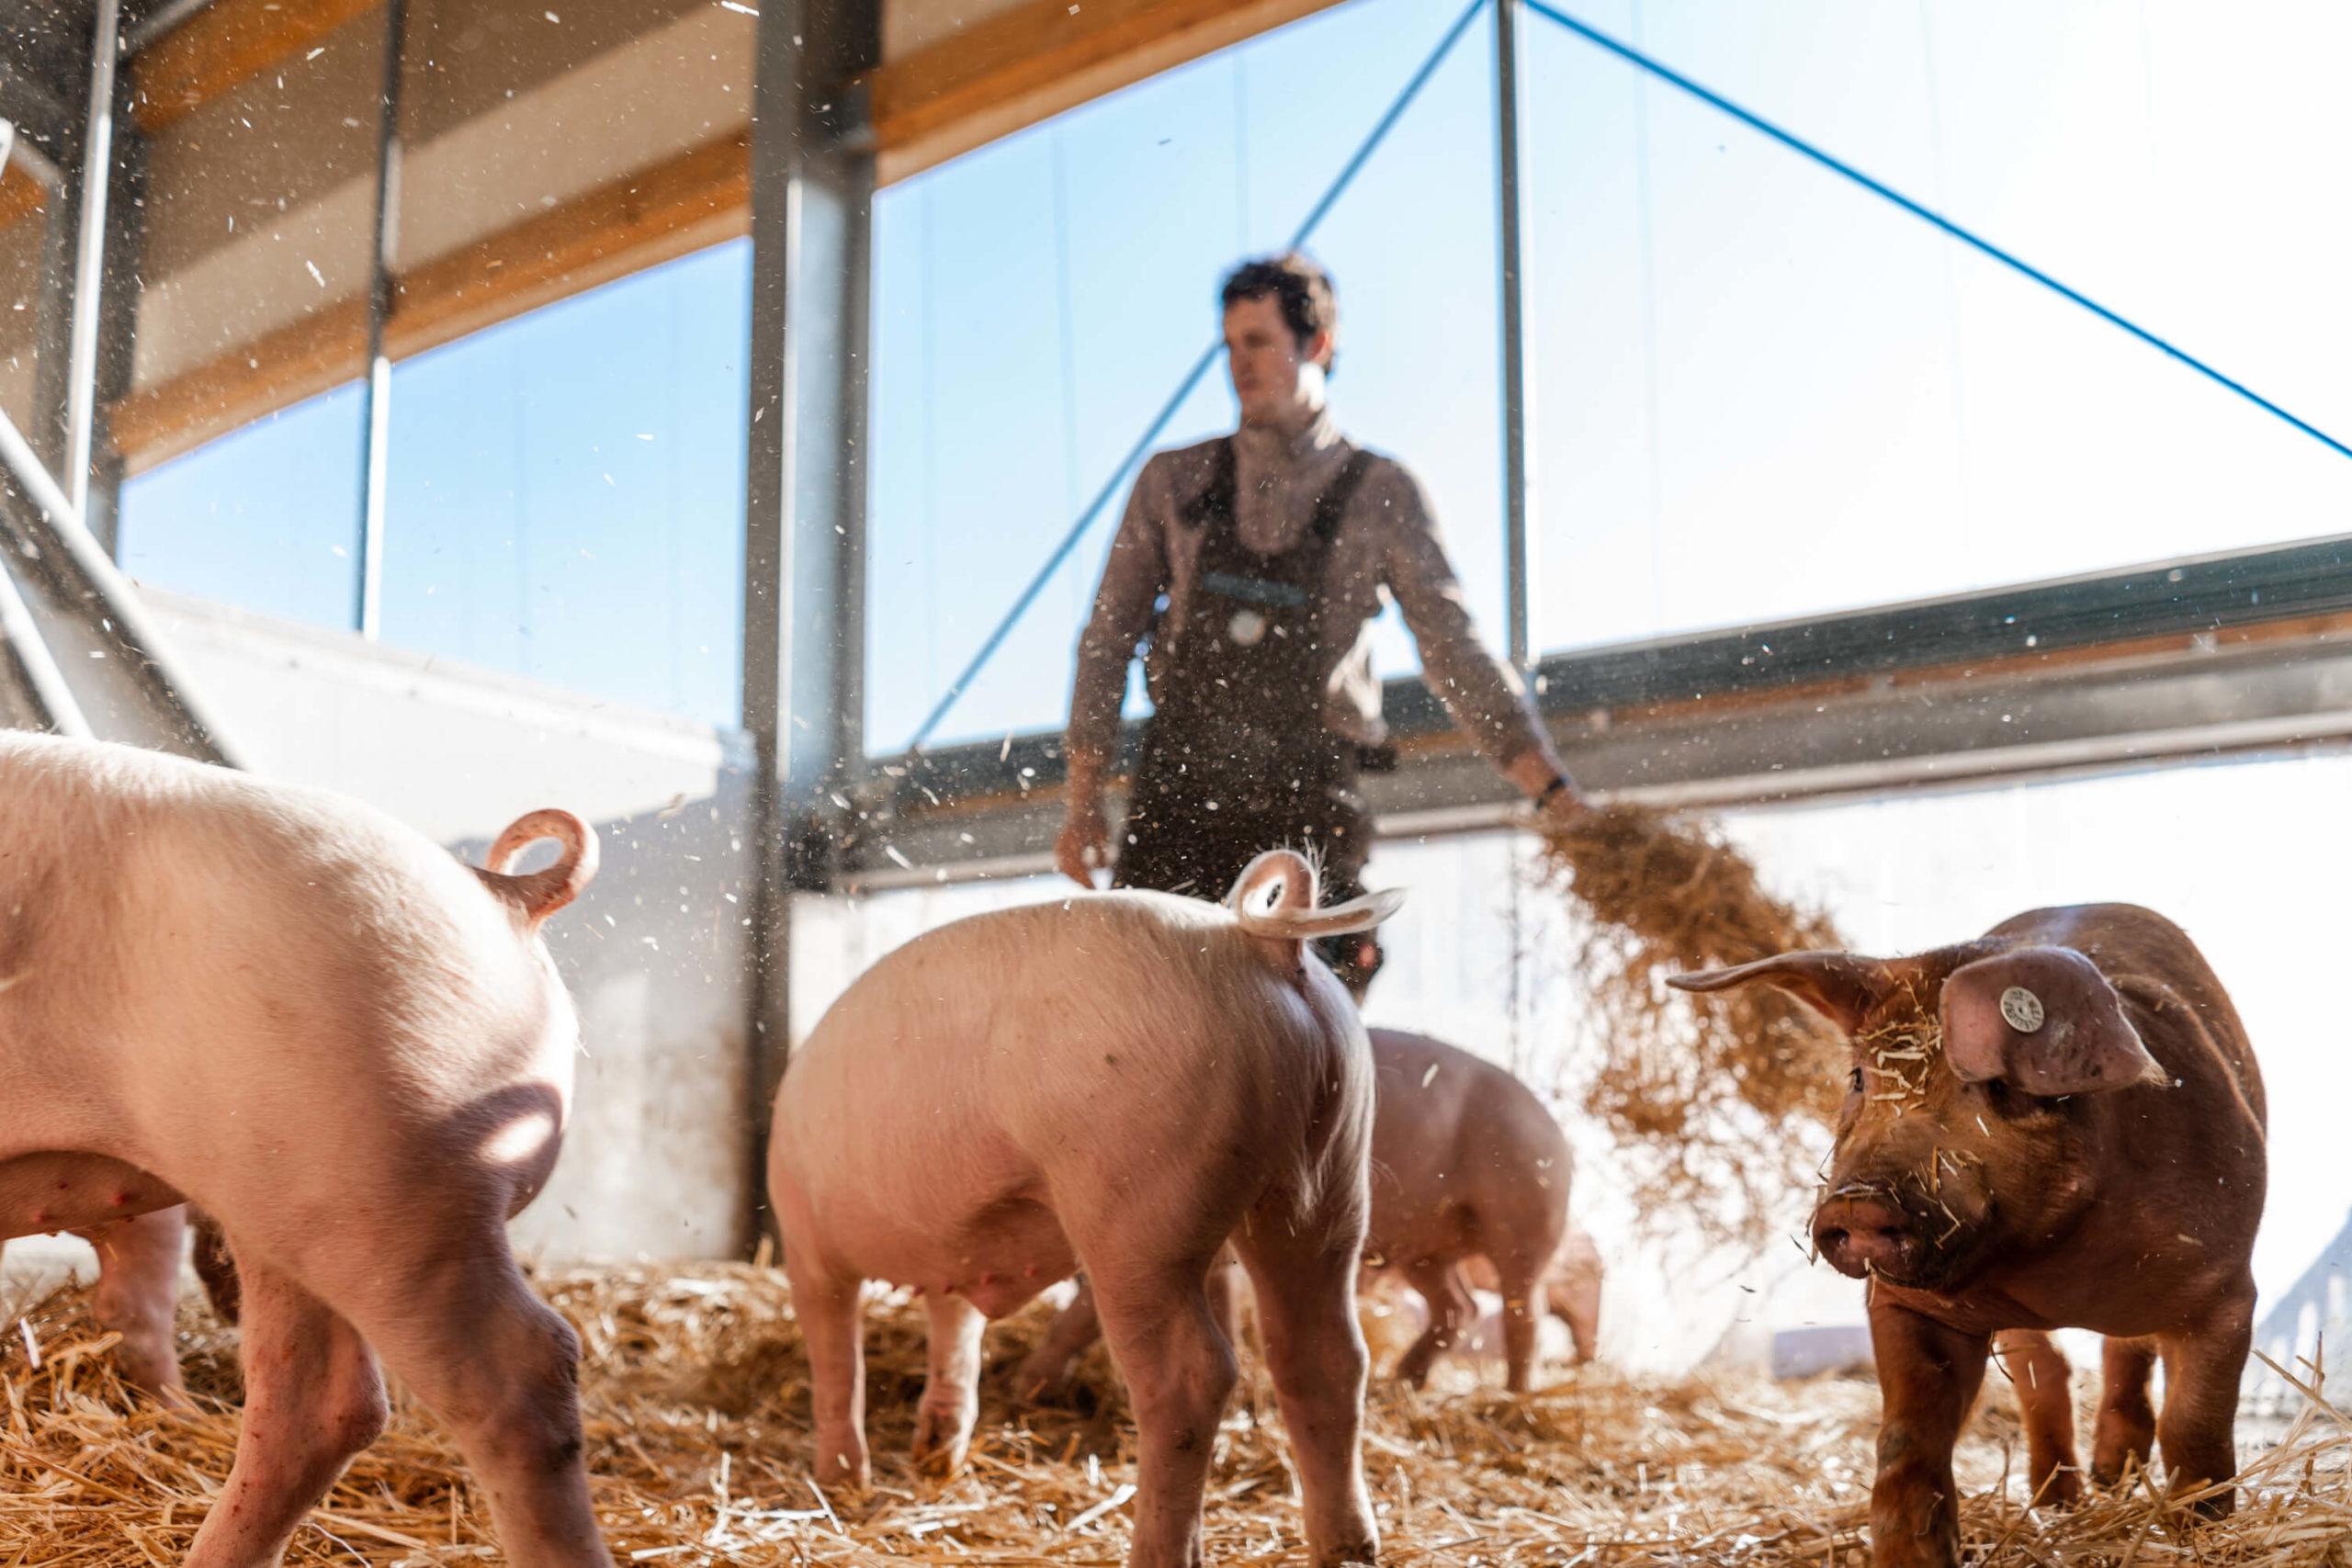 Intensiver Mensch-Tier-Kontakt | Niederrheiner Strohschwein